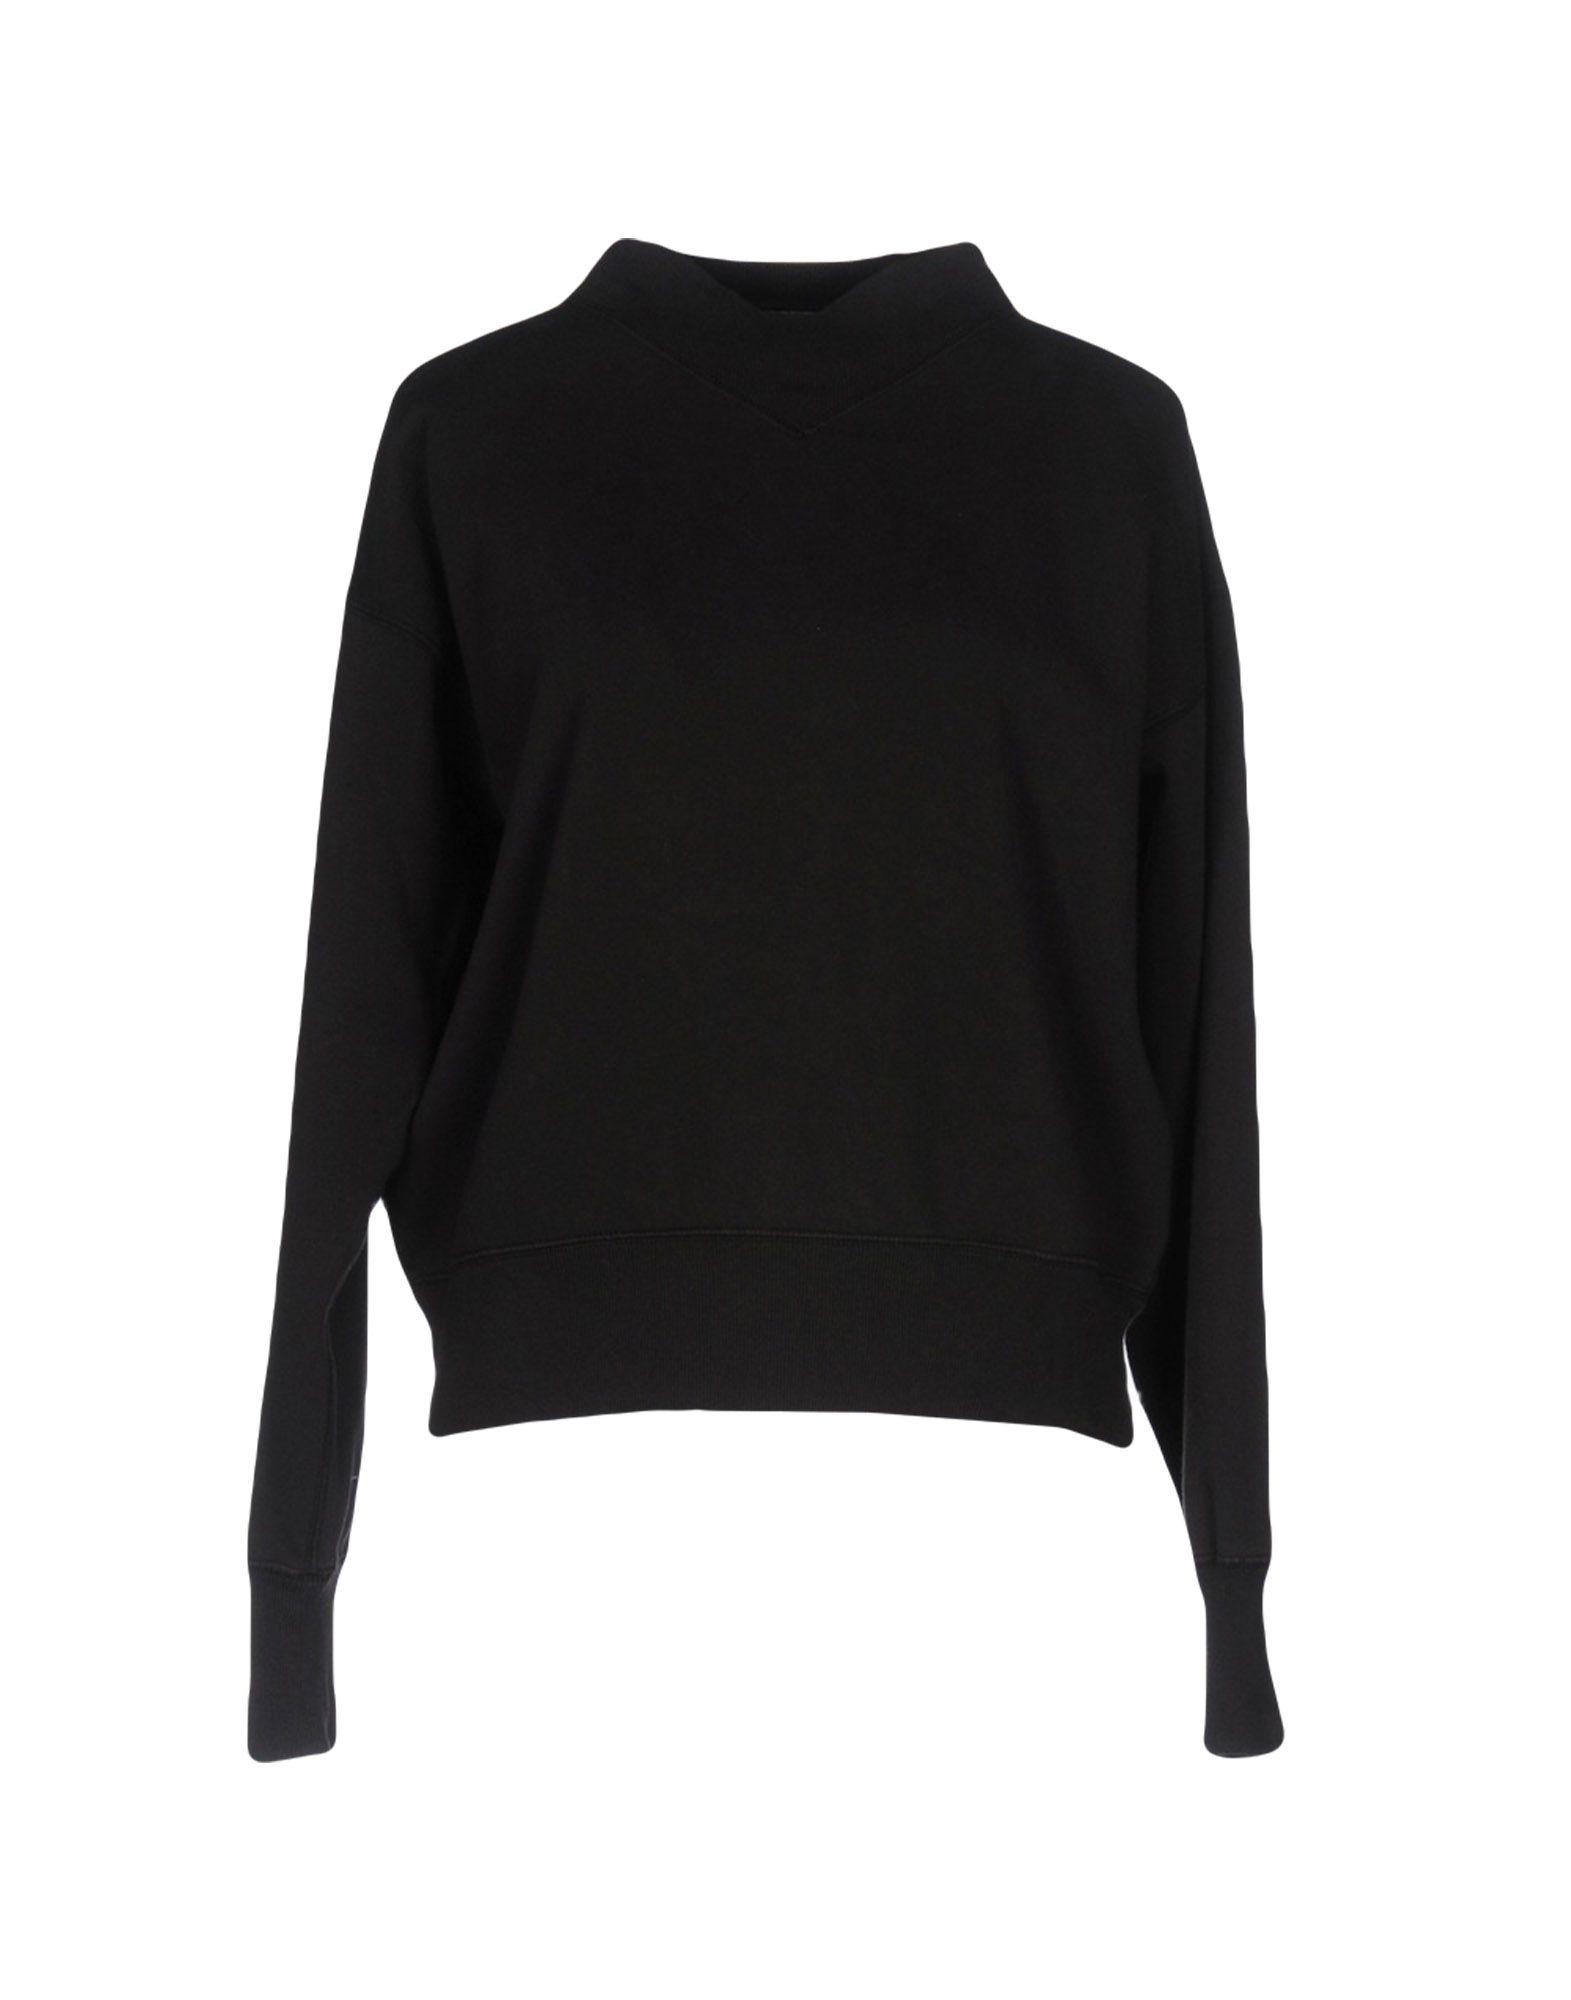 ISABEL MARANT ÉTOILE Damen Sweatshirt Farbe Schwarz Größe 5